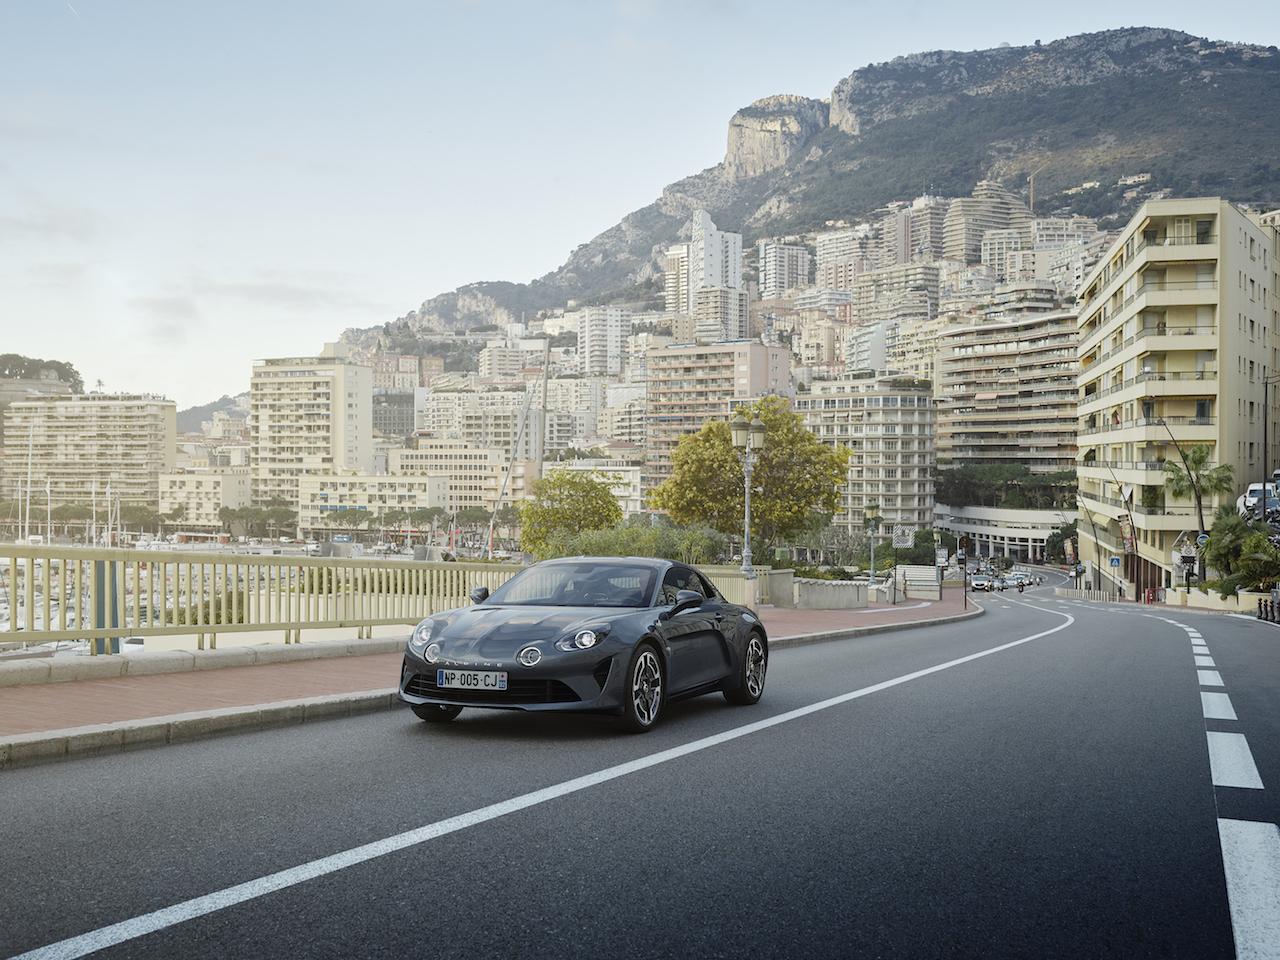 「新生アルピーヌにわずか10台限定の左ハンドルモデル「A110 リネージ リミテッド」が登場【新車】」の2枚目の画像